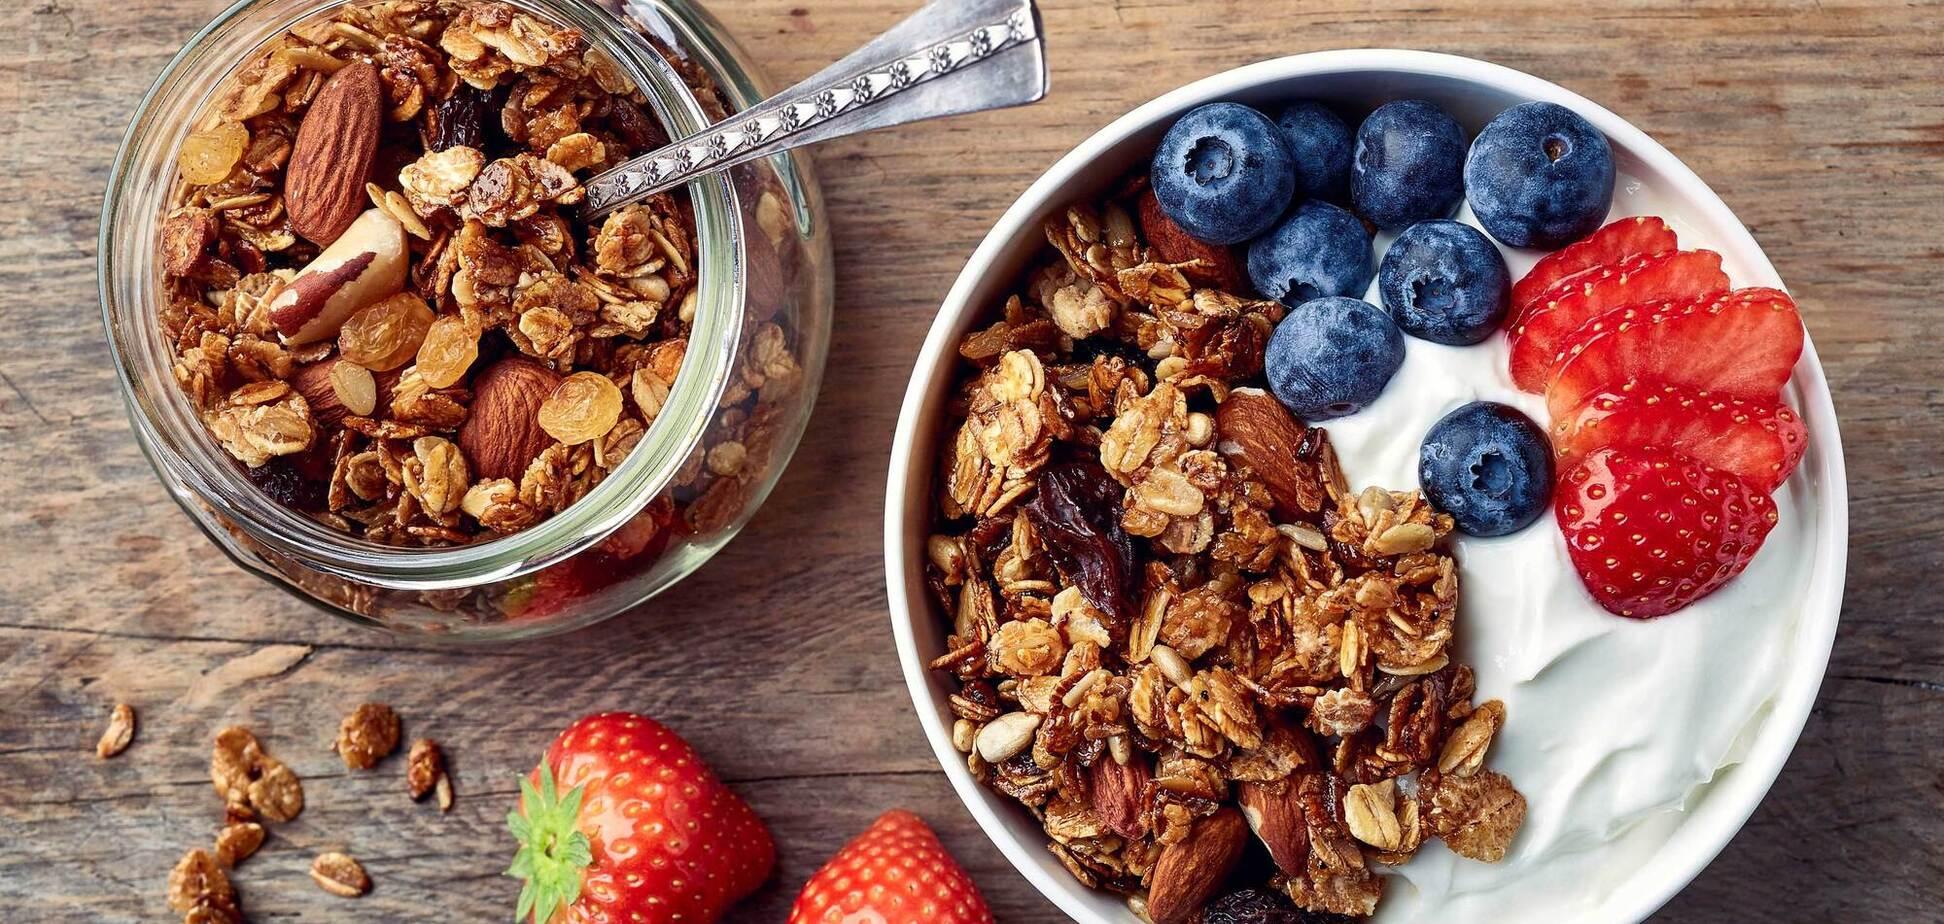 Названы полезные продукты, которые мешают похудеть